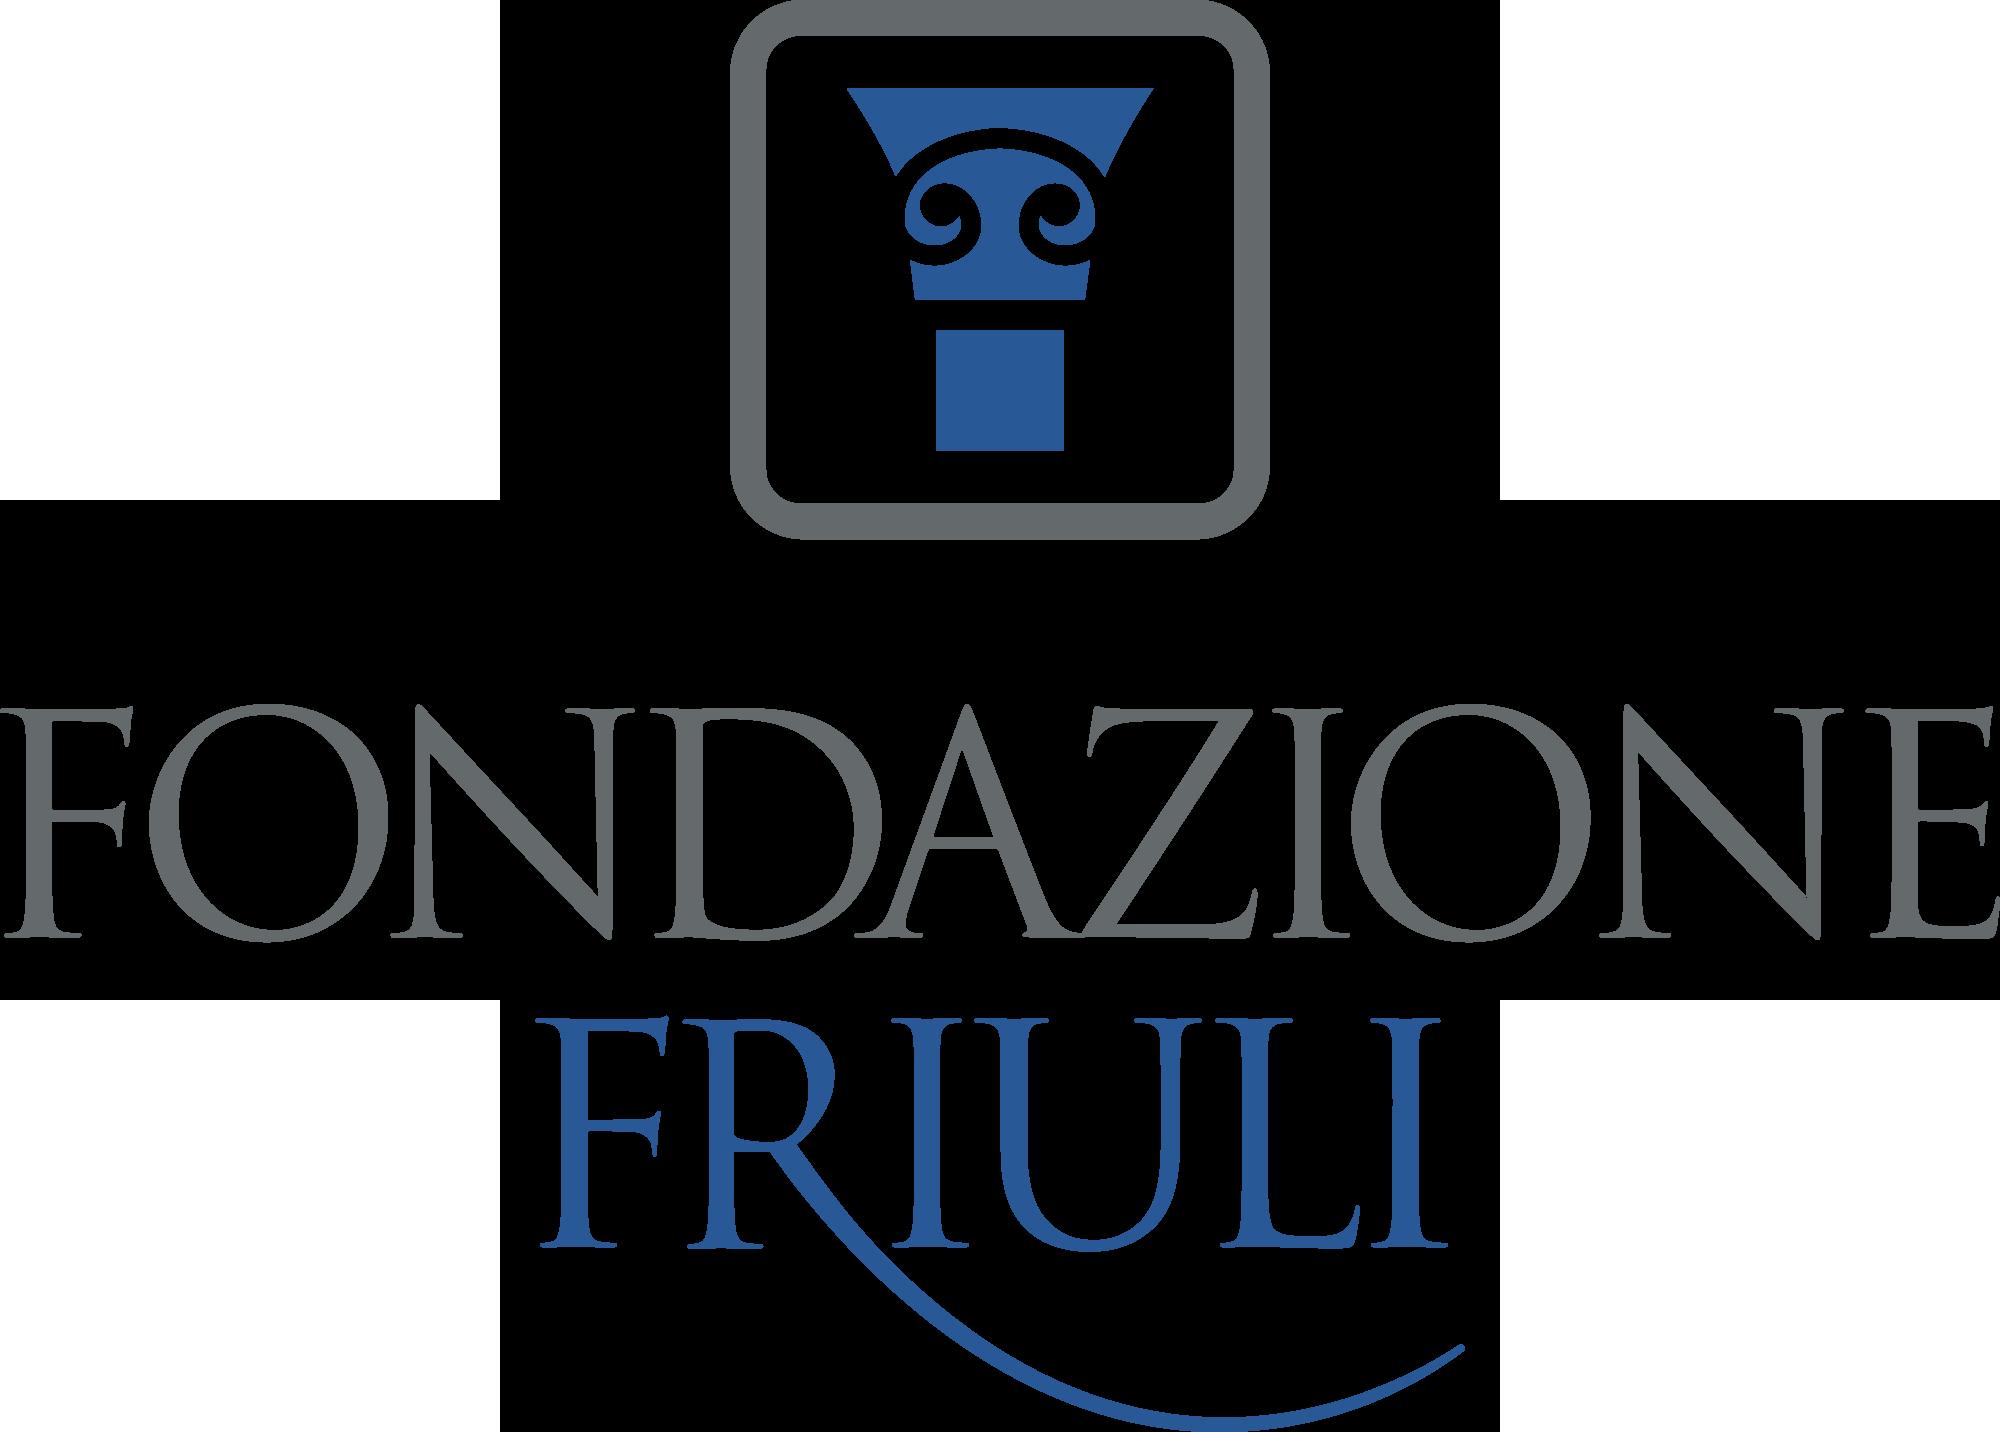 logo fondazione friuli.png